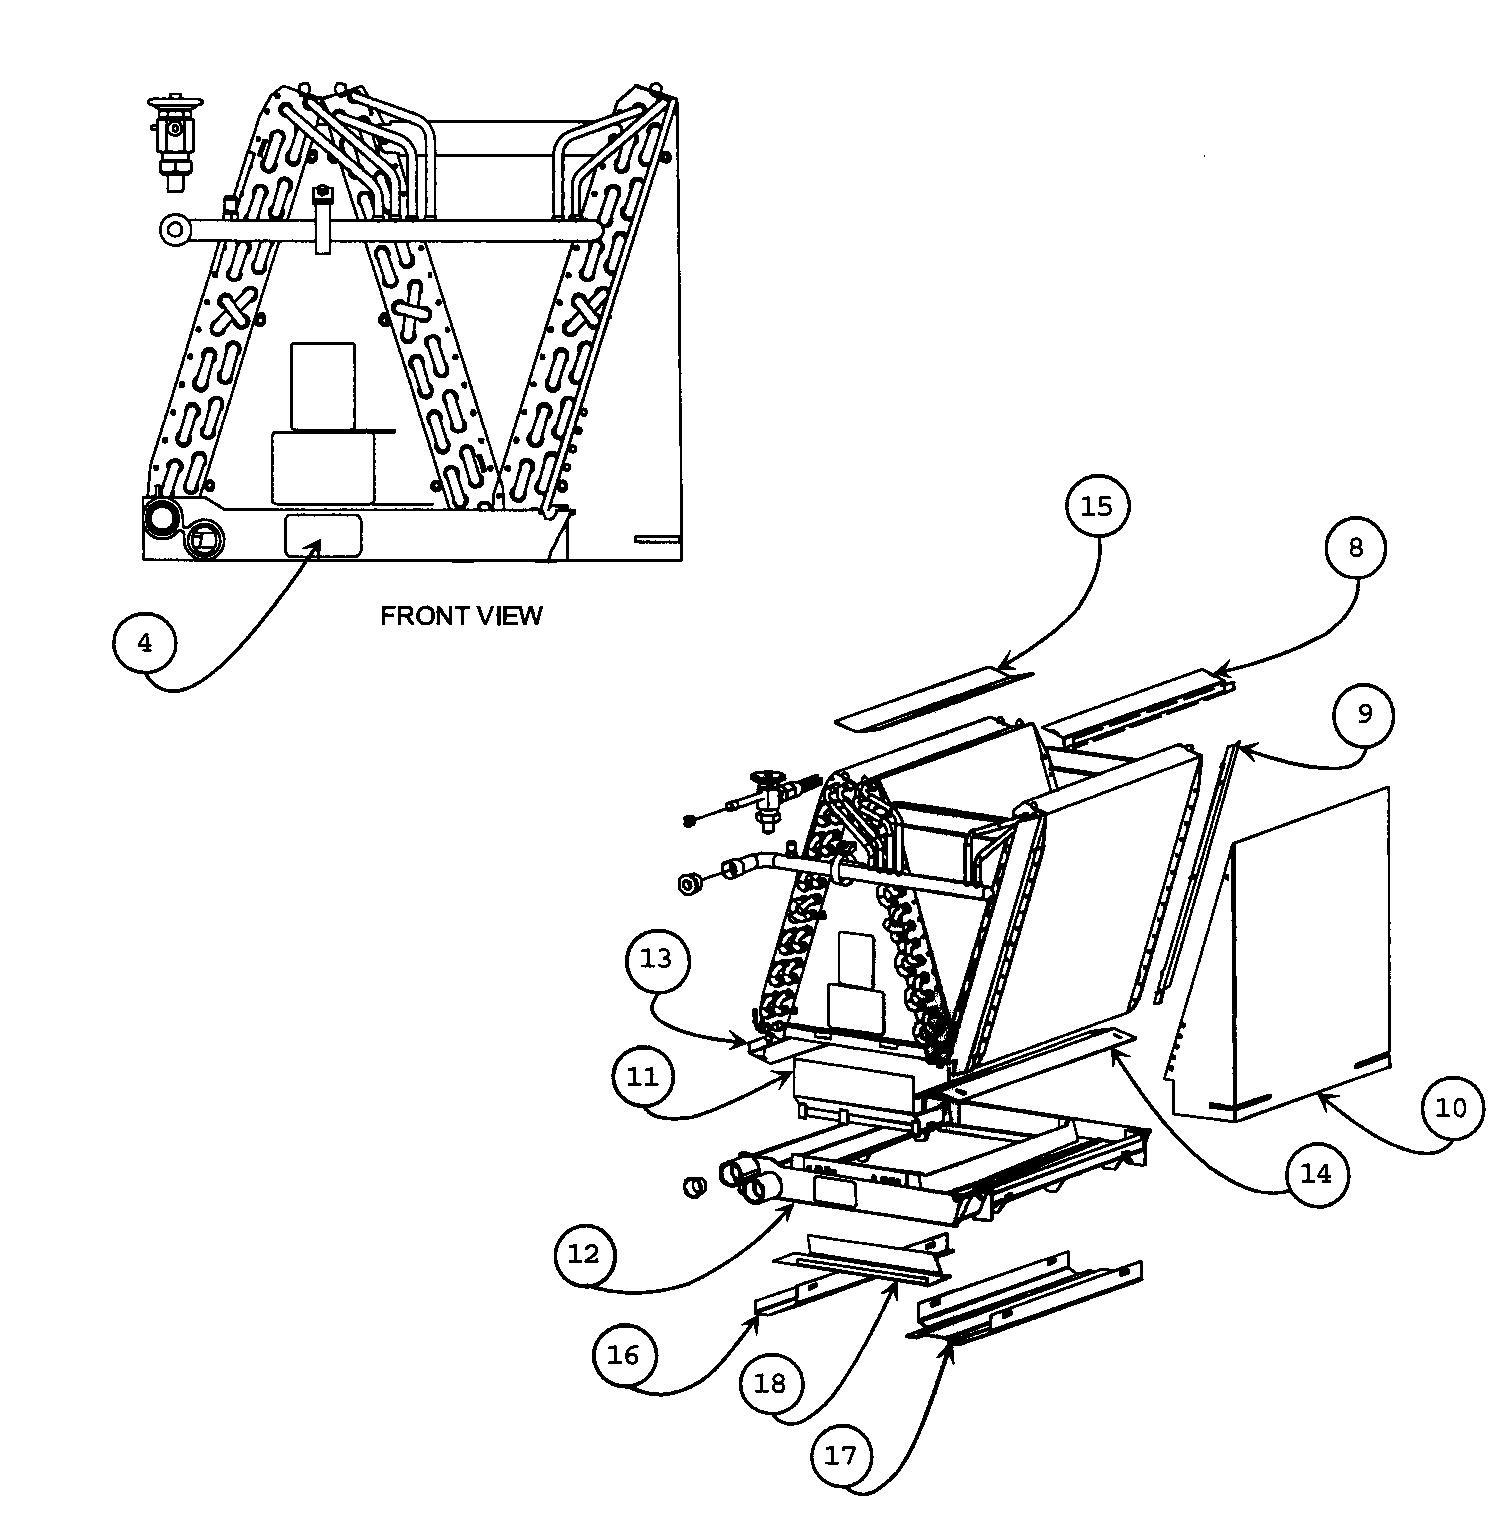 CABINET PARTS Diagram & Parts List for Model